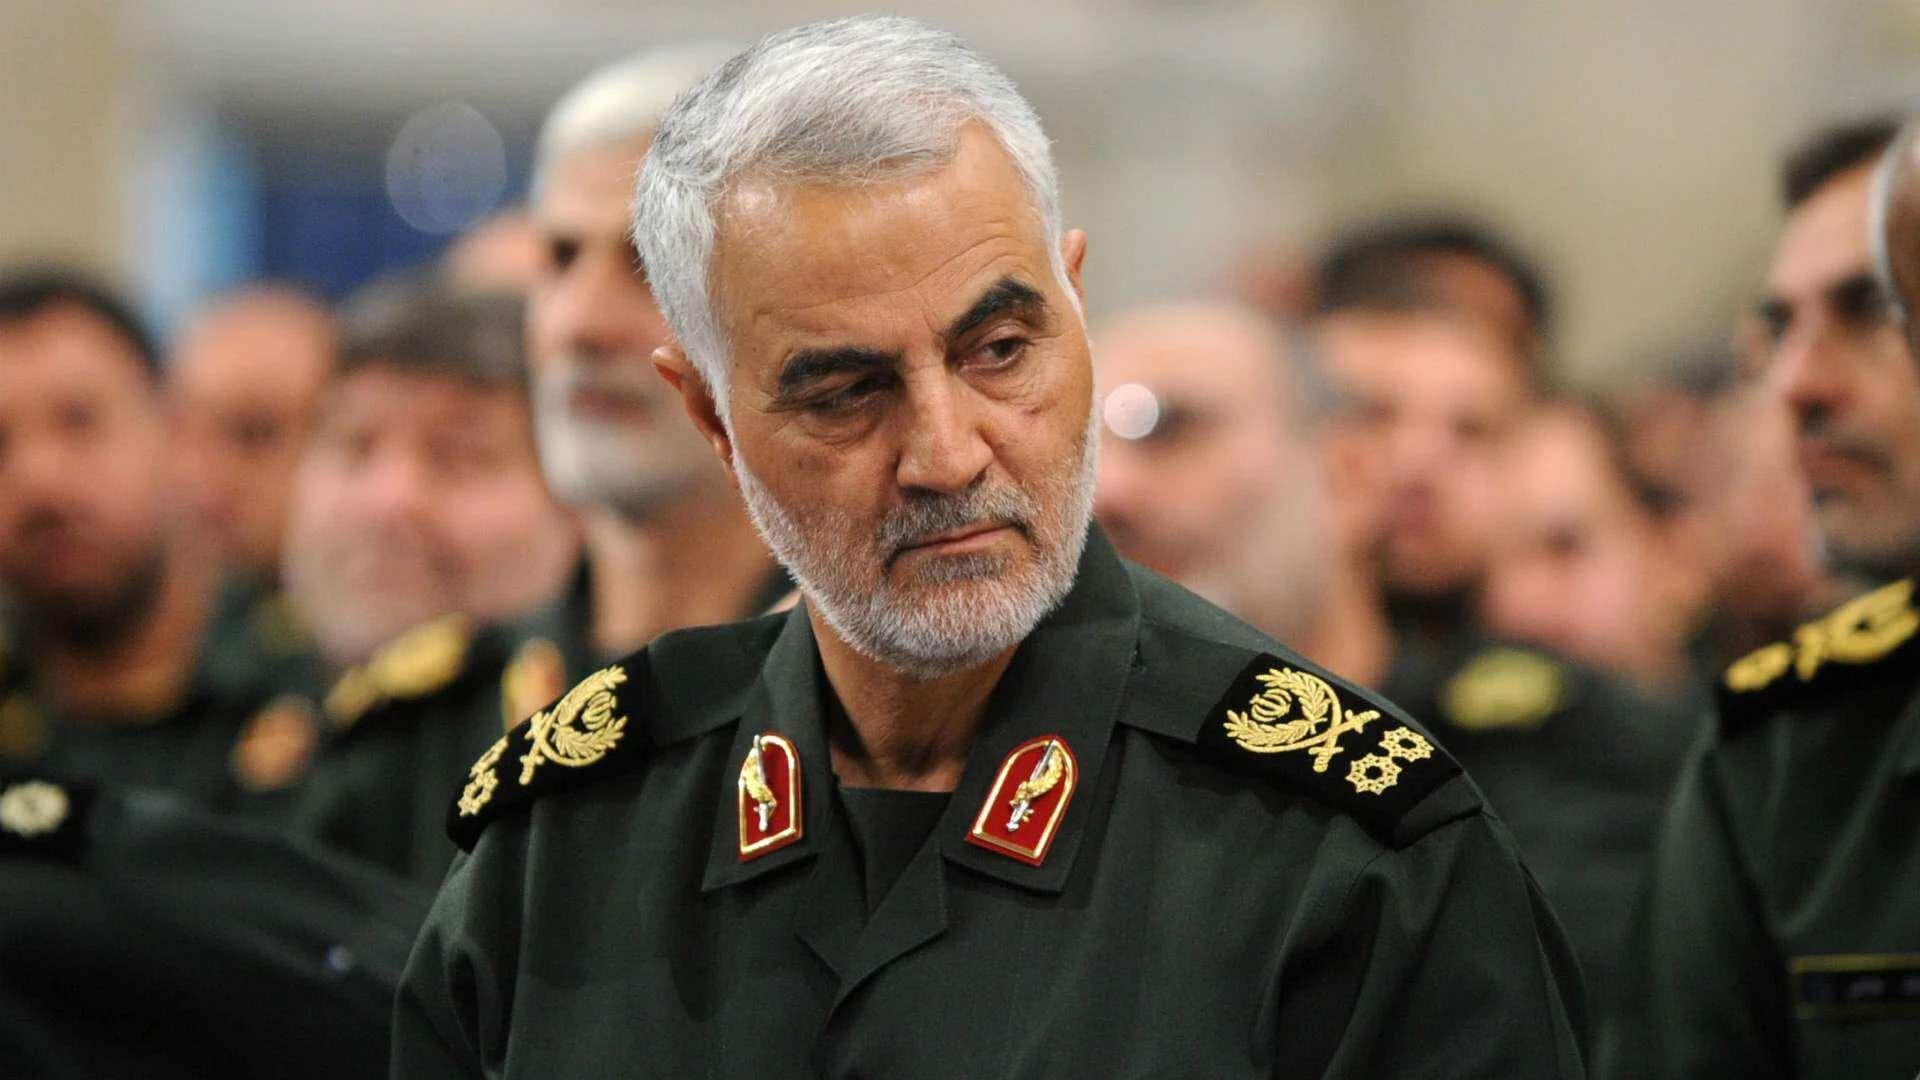 伊朗袭击美军基地,比特币快速上涨400美元!比特币成避险资产?